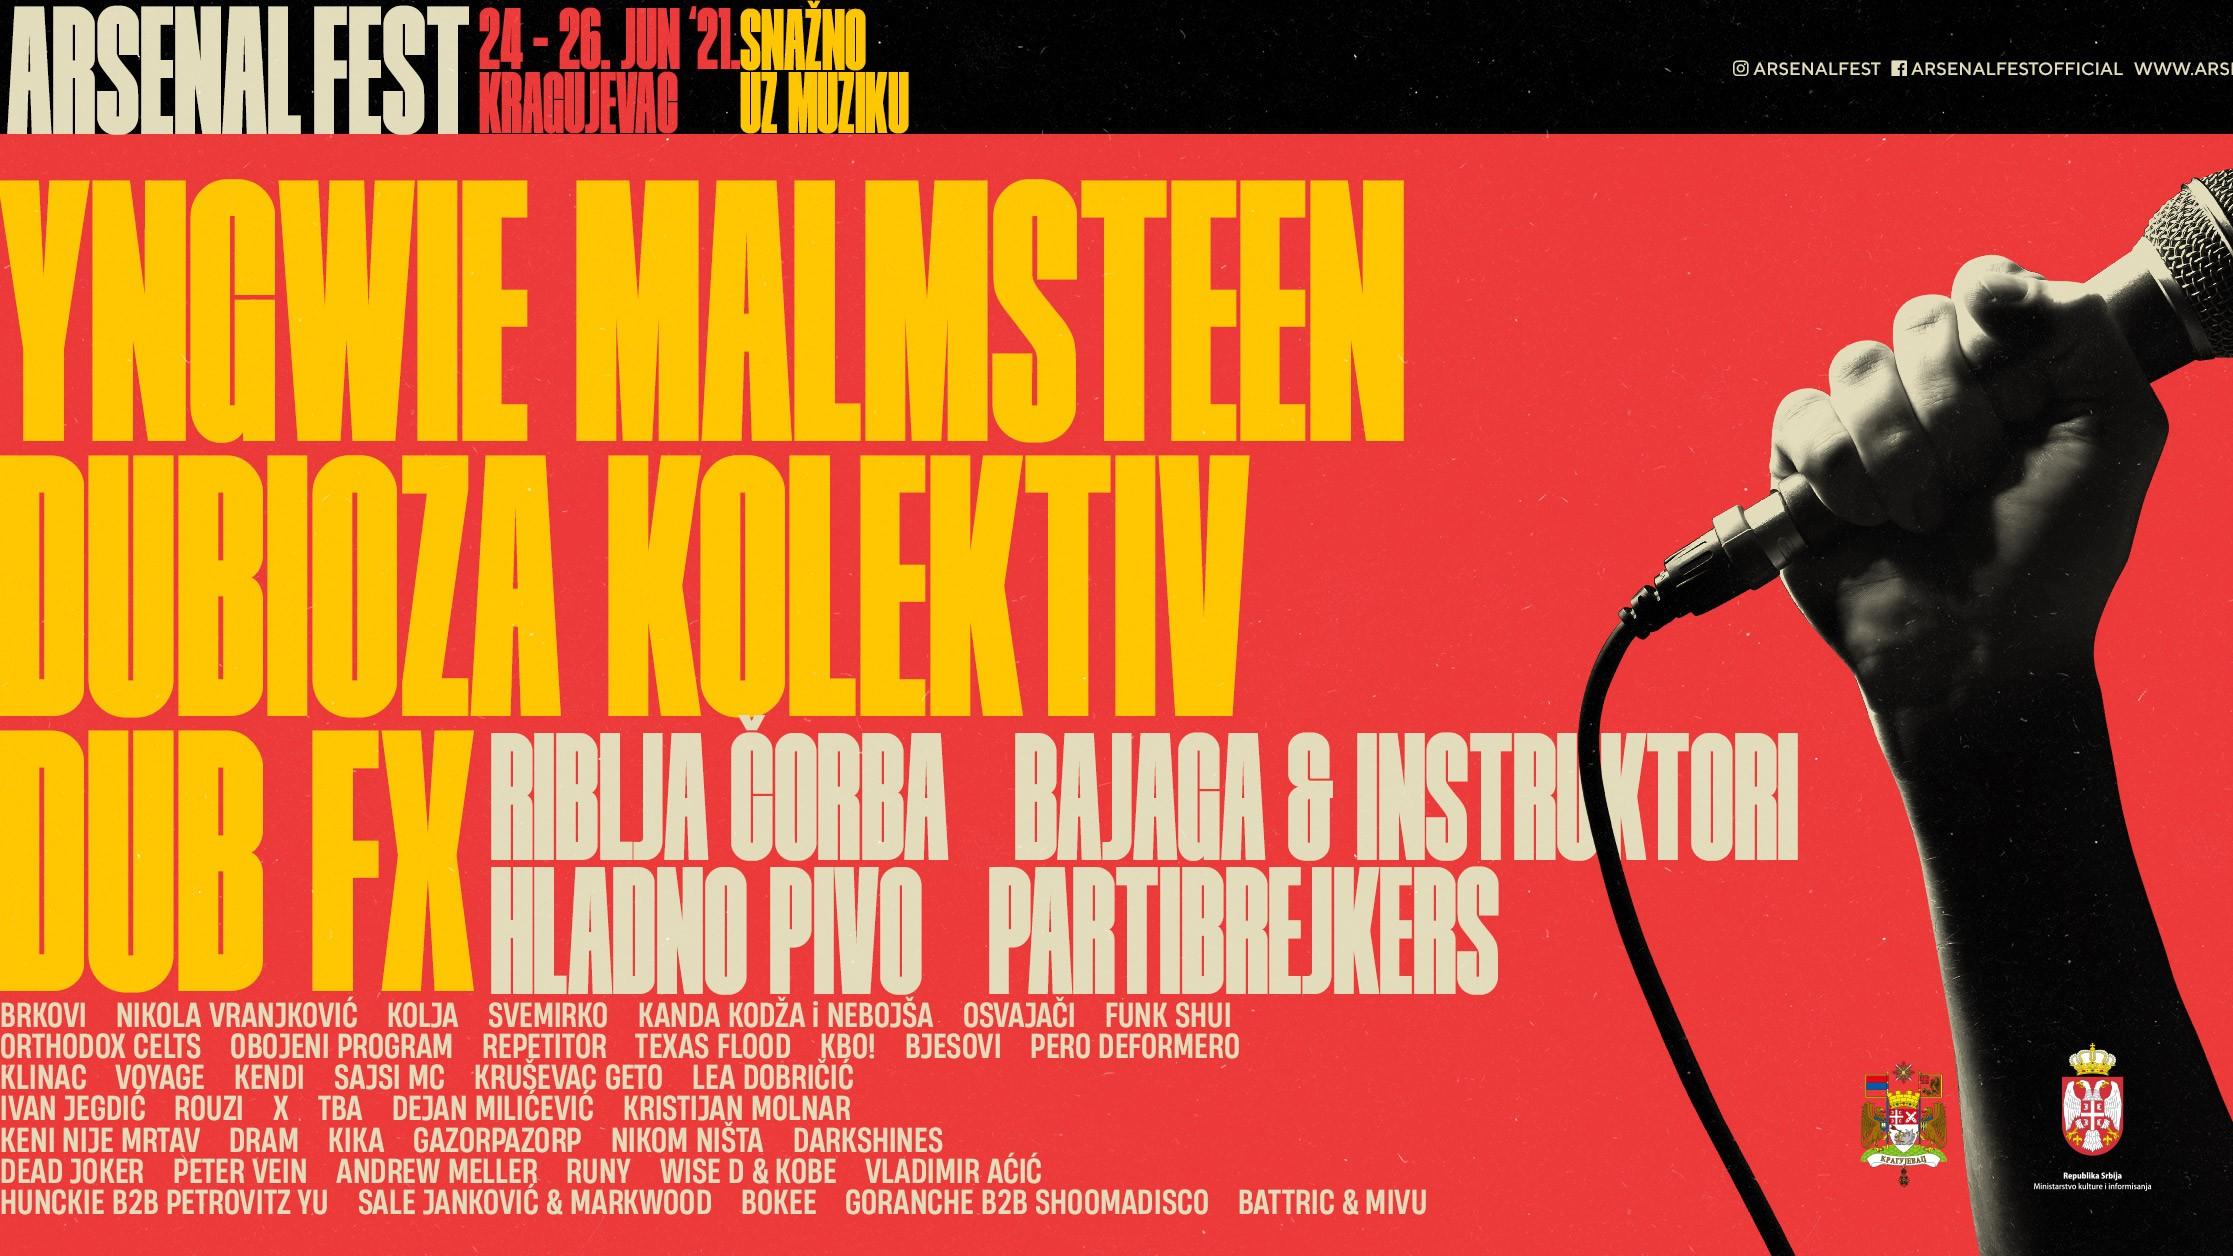 Arsenal Fest 11 od 24. do 26. juna u Kragujevcu 1